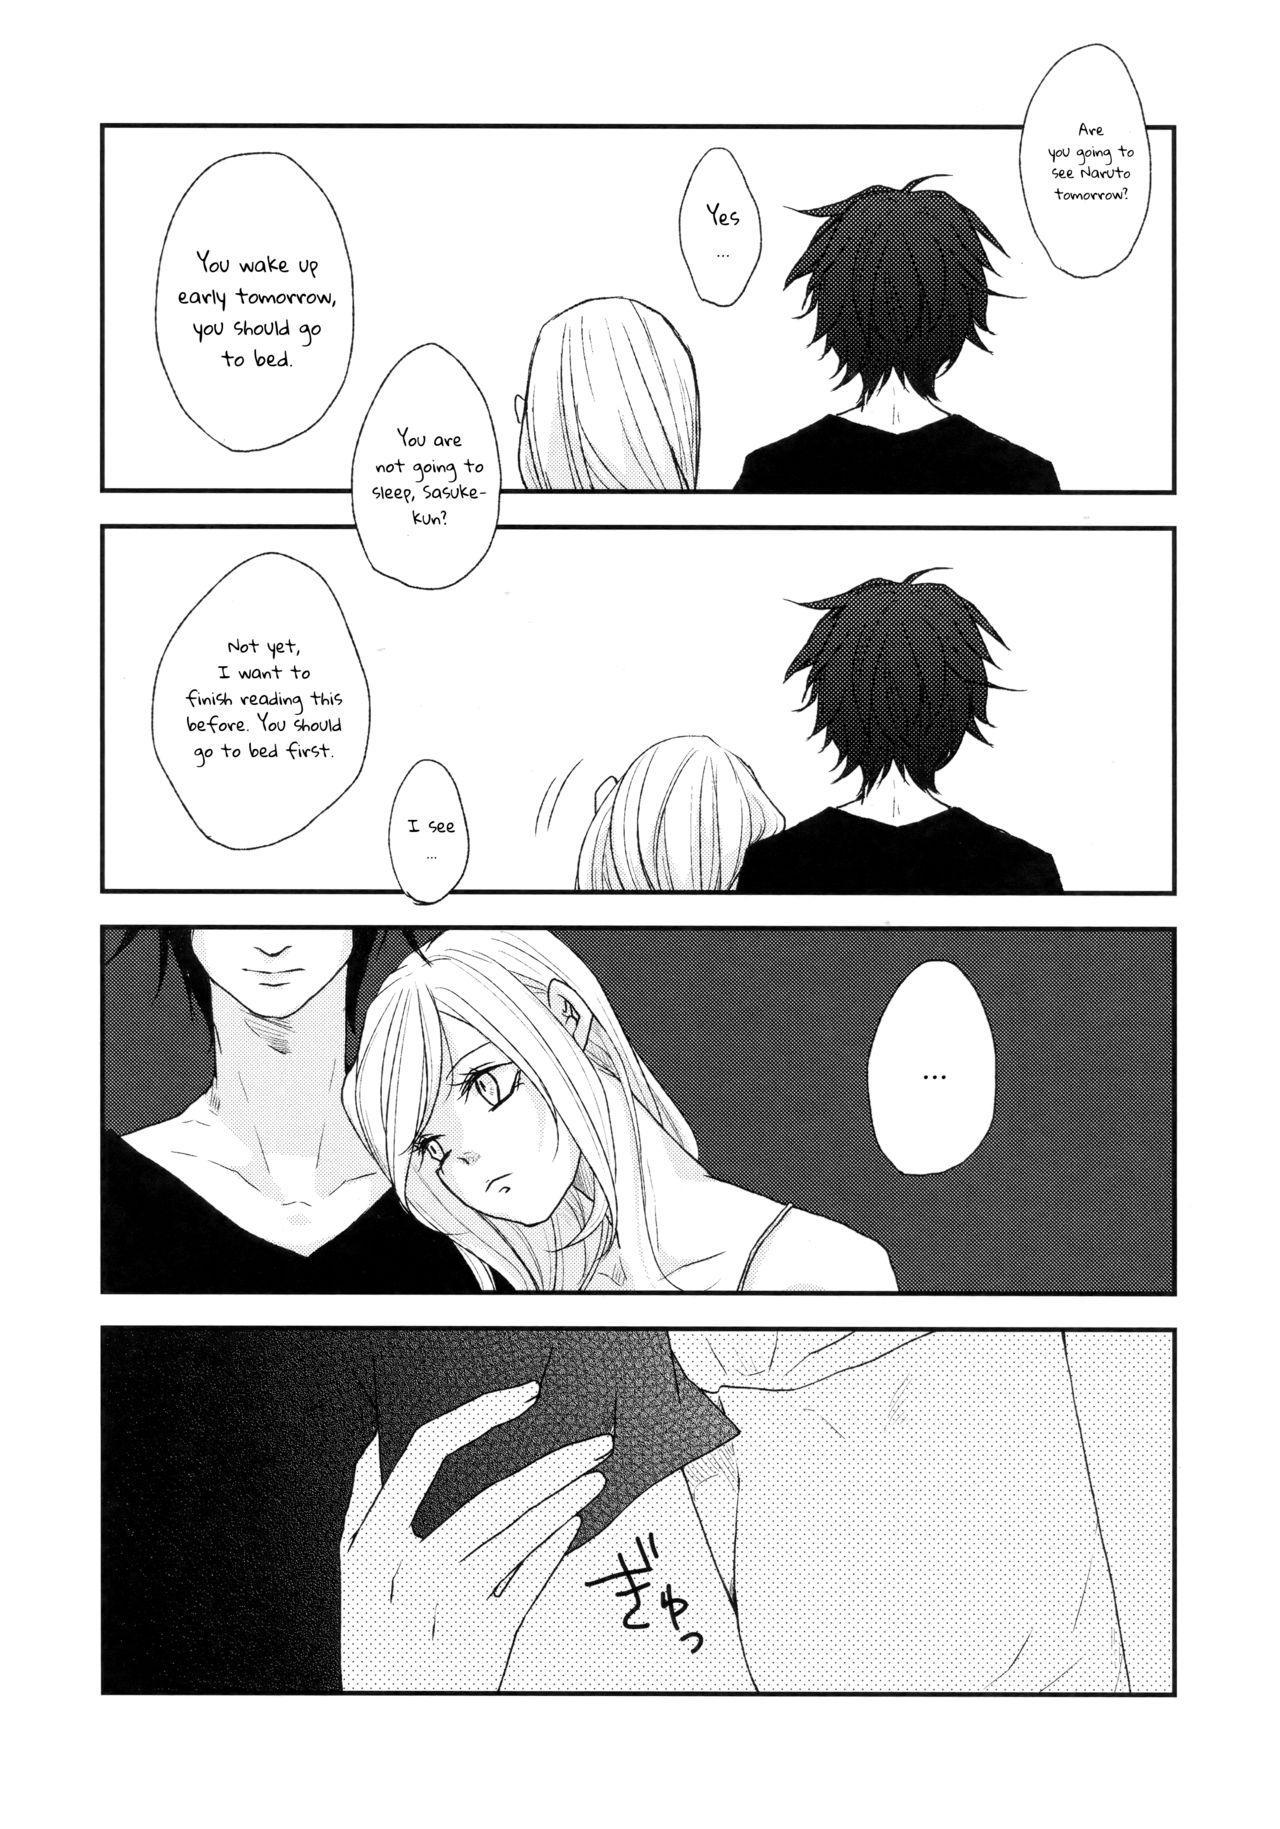 Watashi wa Aibu ni Koisuru | I love your caress 10